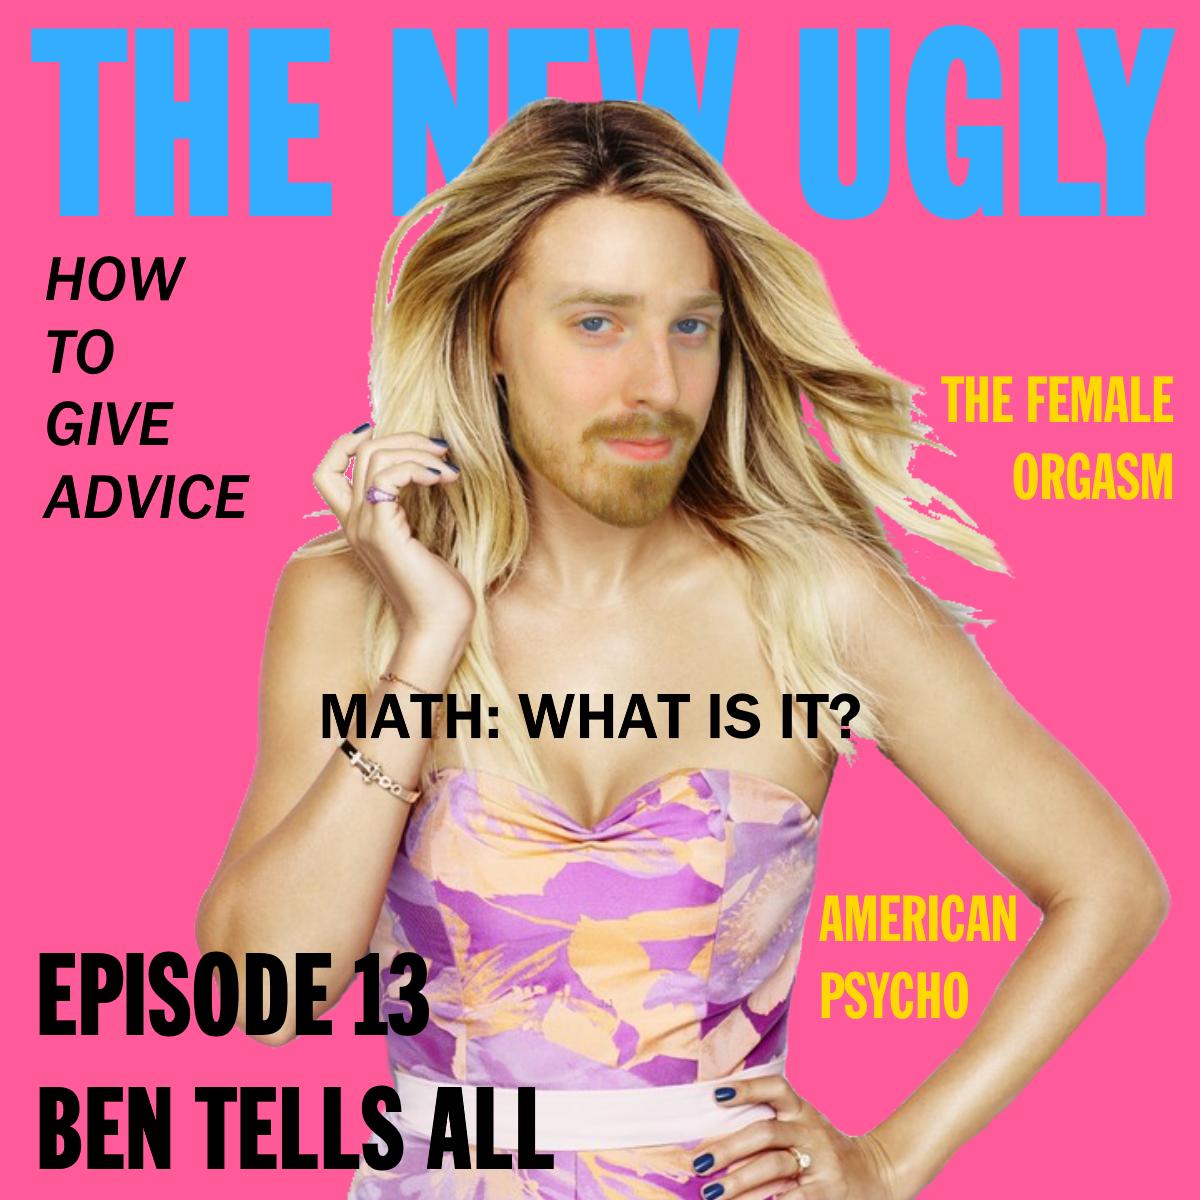 Episode 13: Ben Tells All